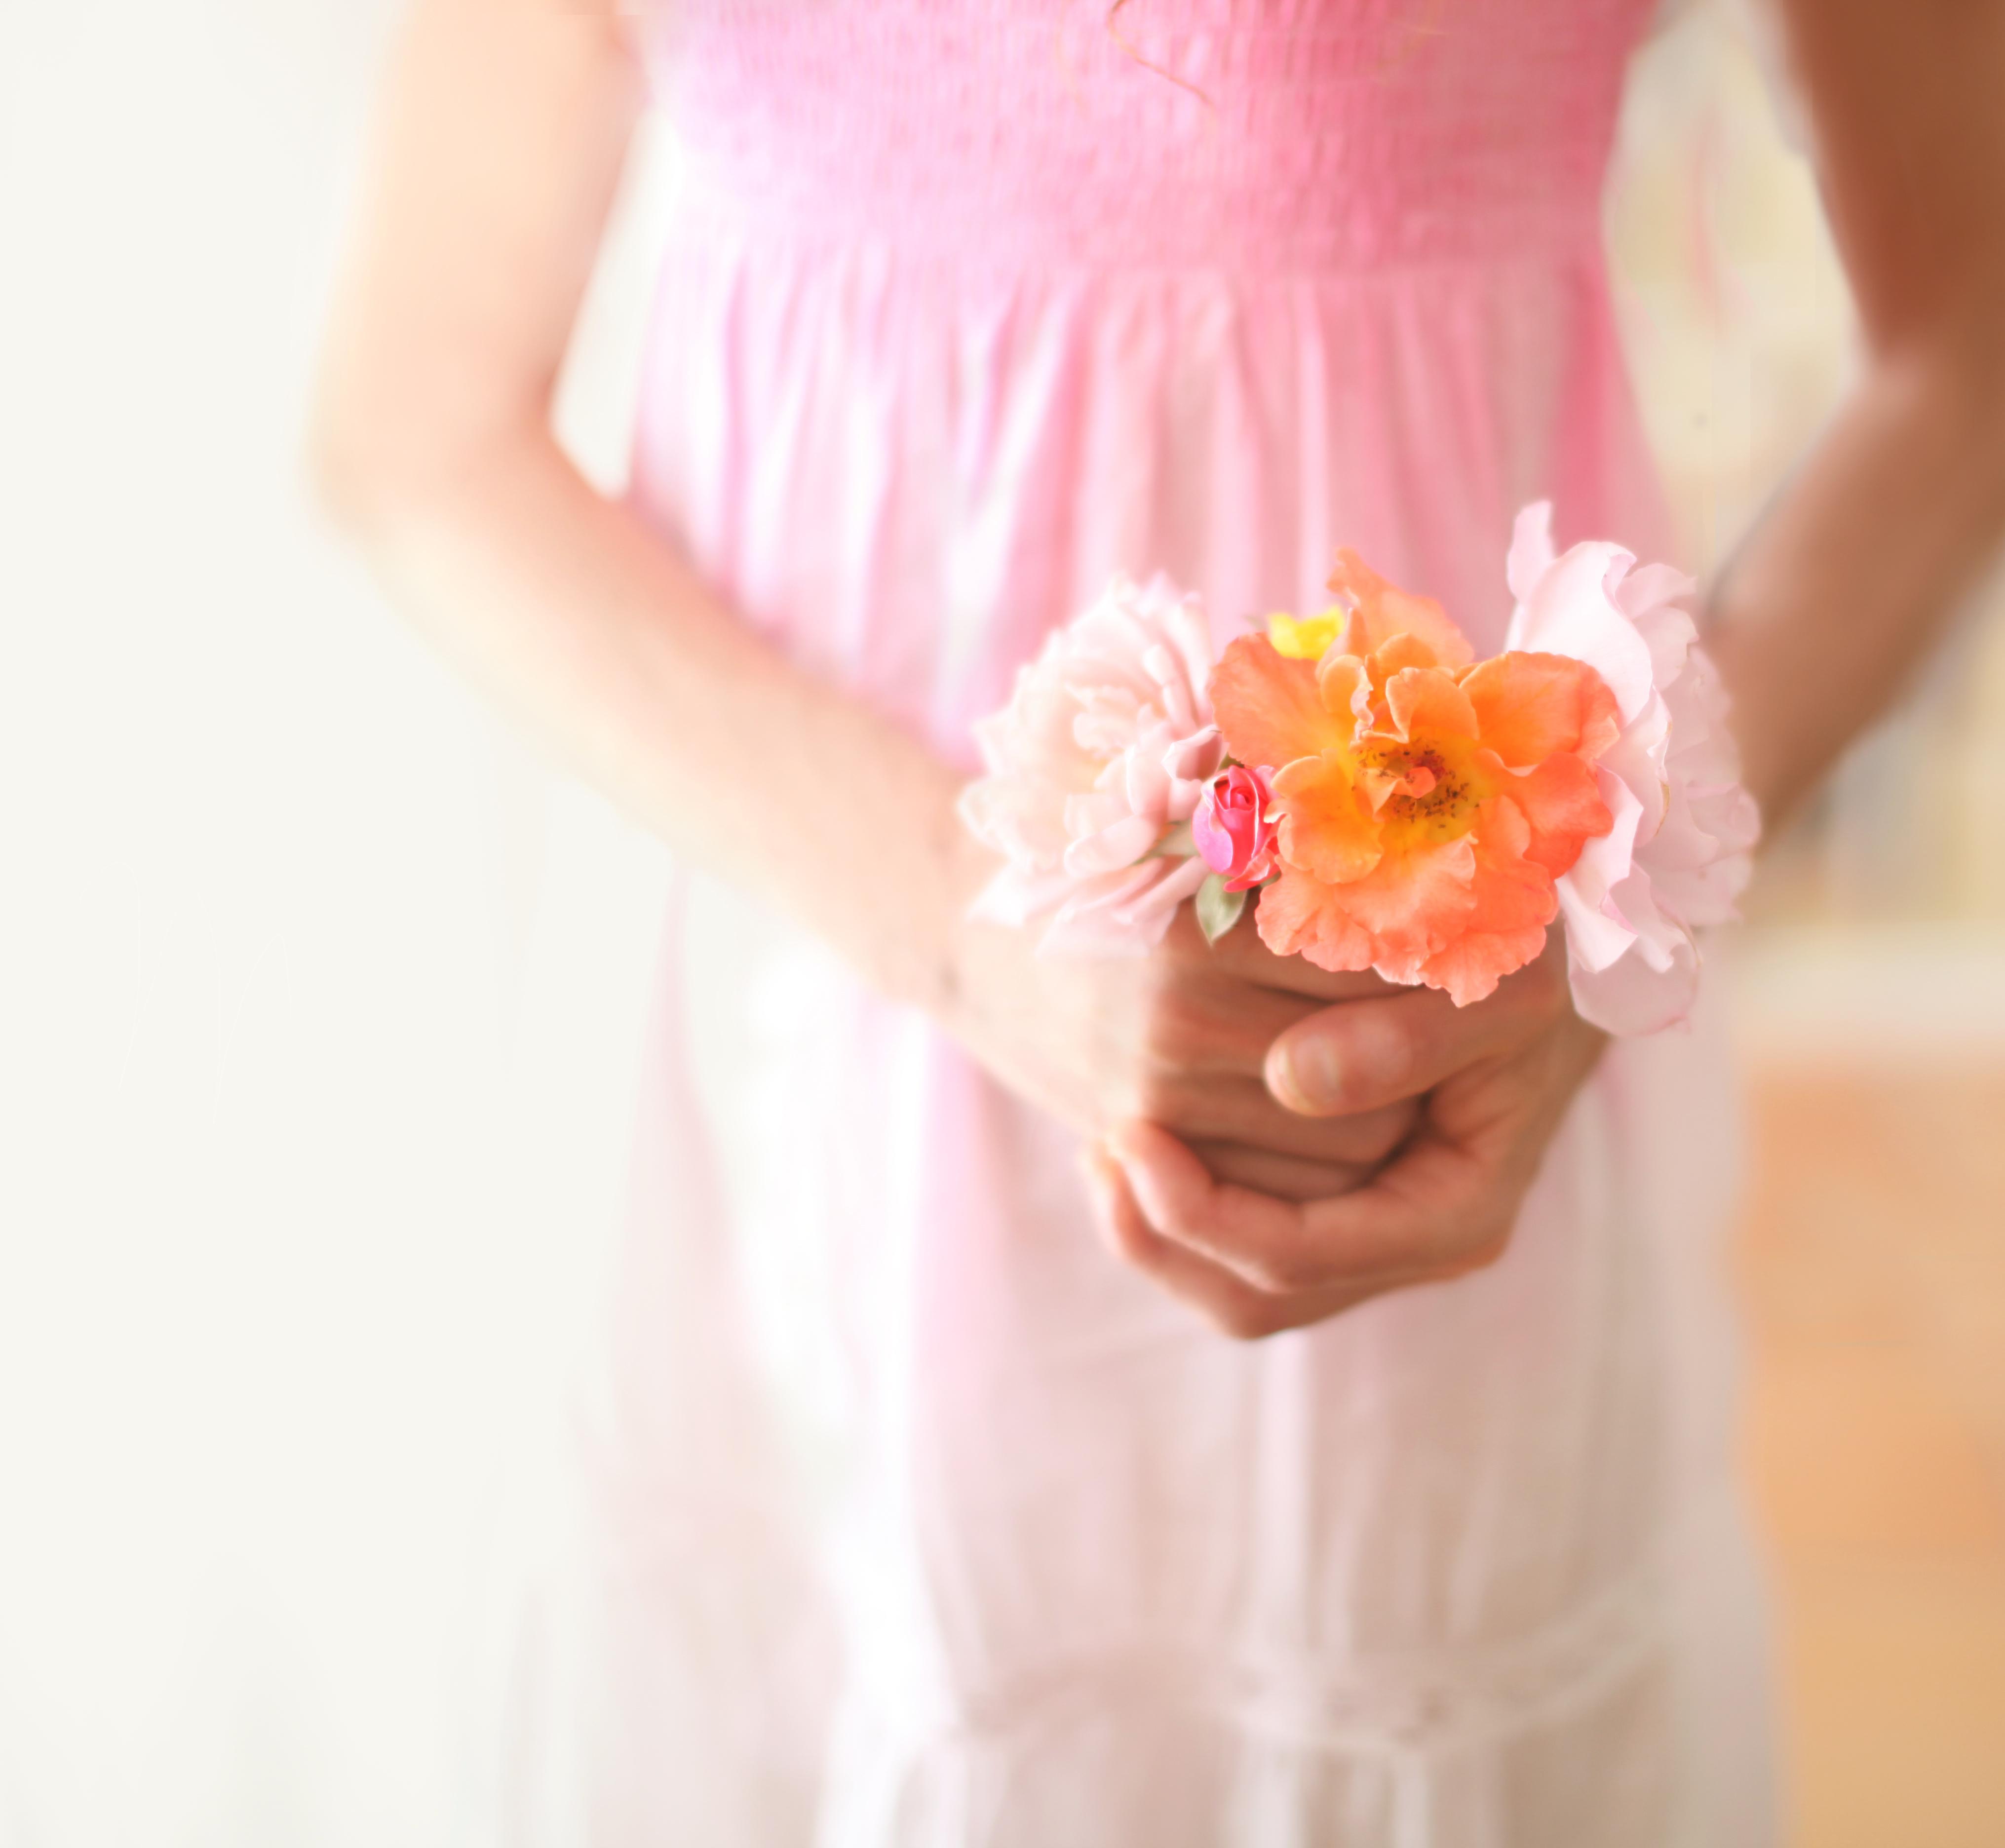 Fotos gratis : mano, niña, mujer, fotografía, flor, pétalo, niño ...